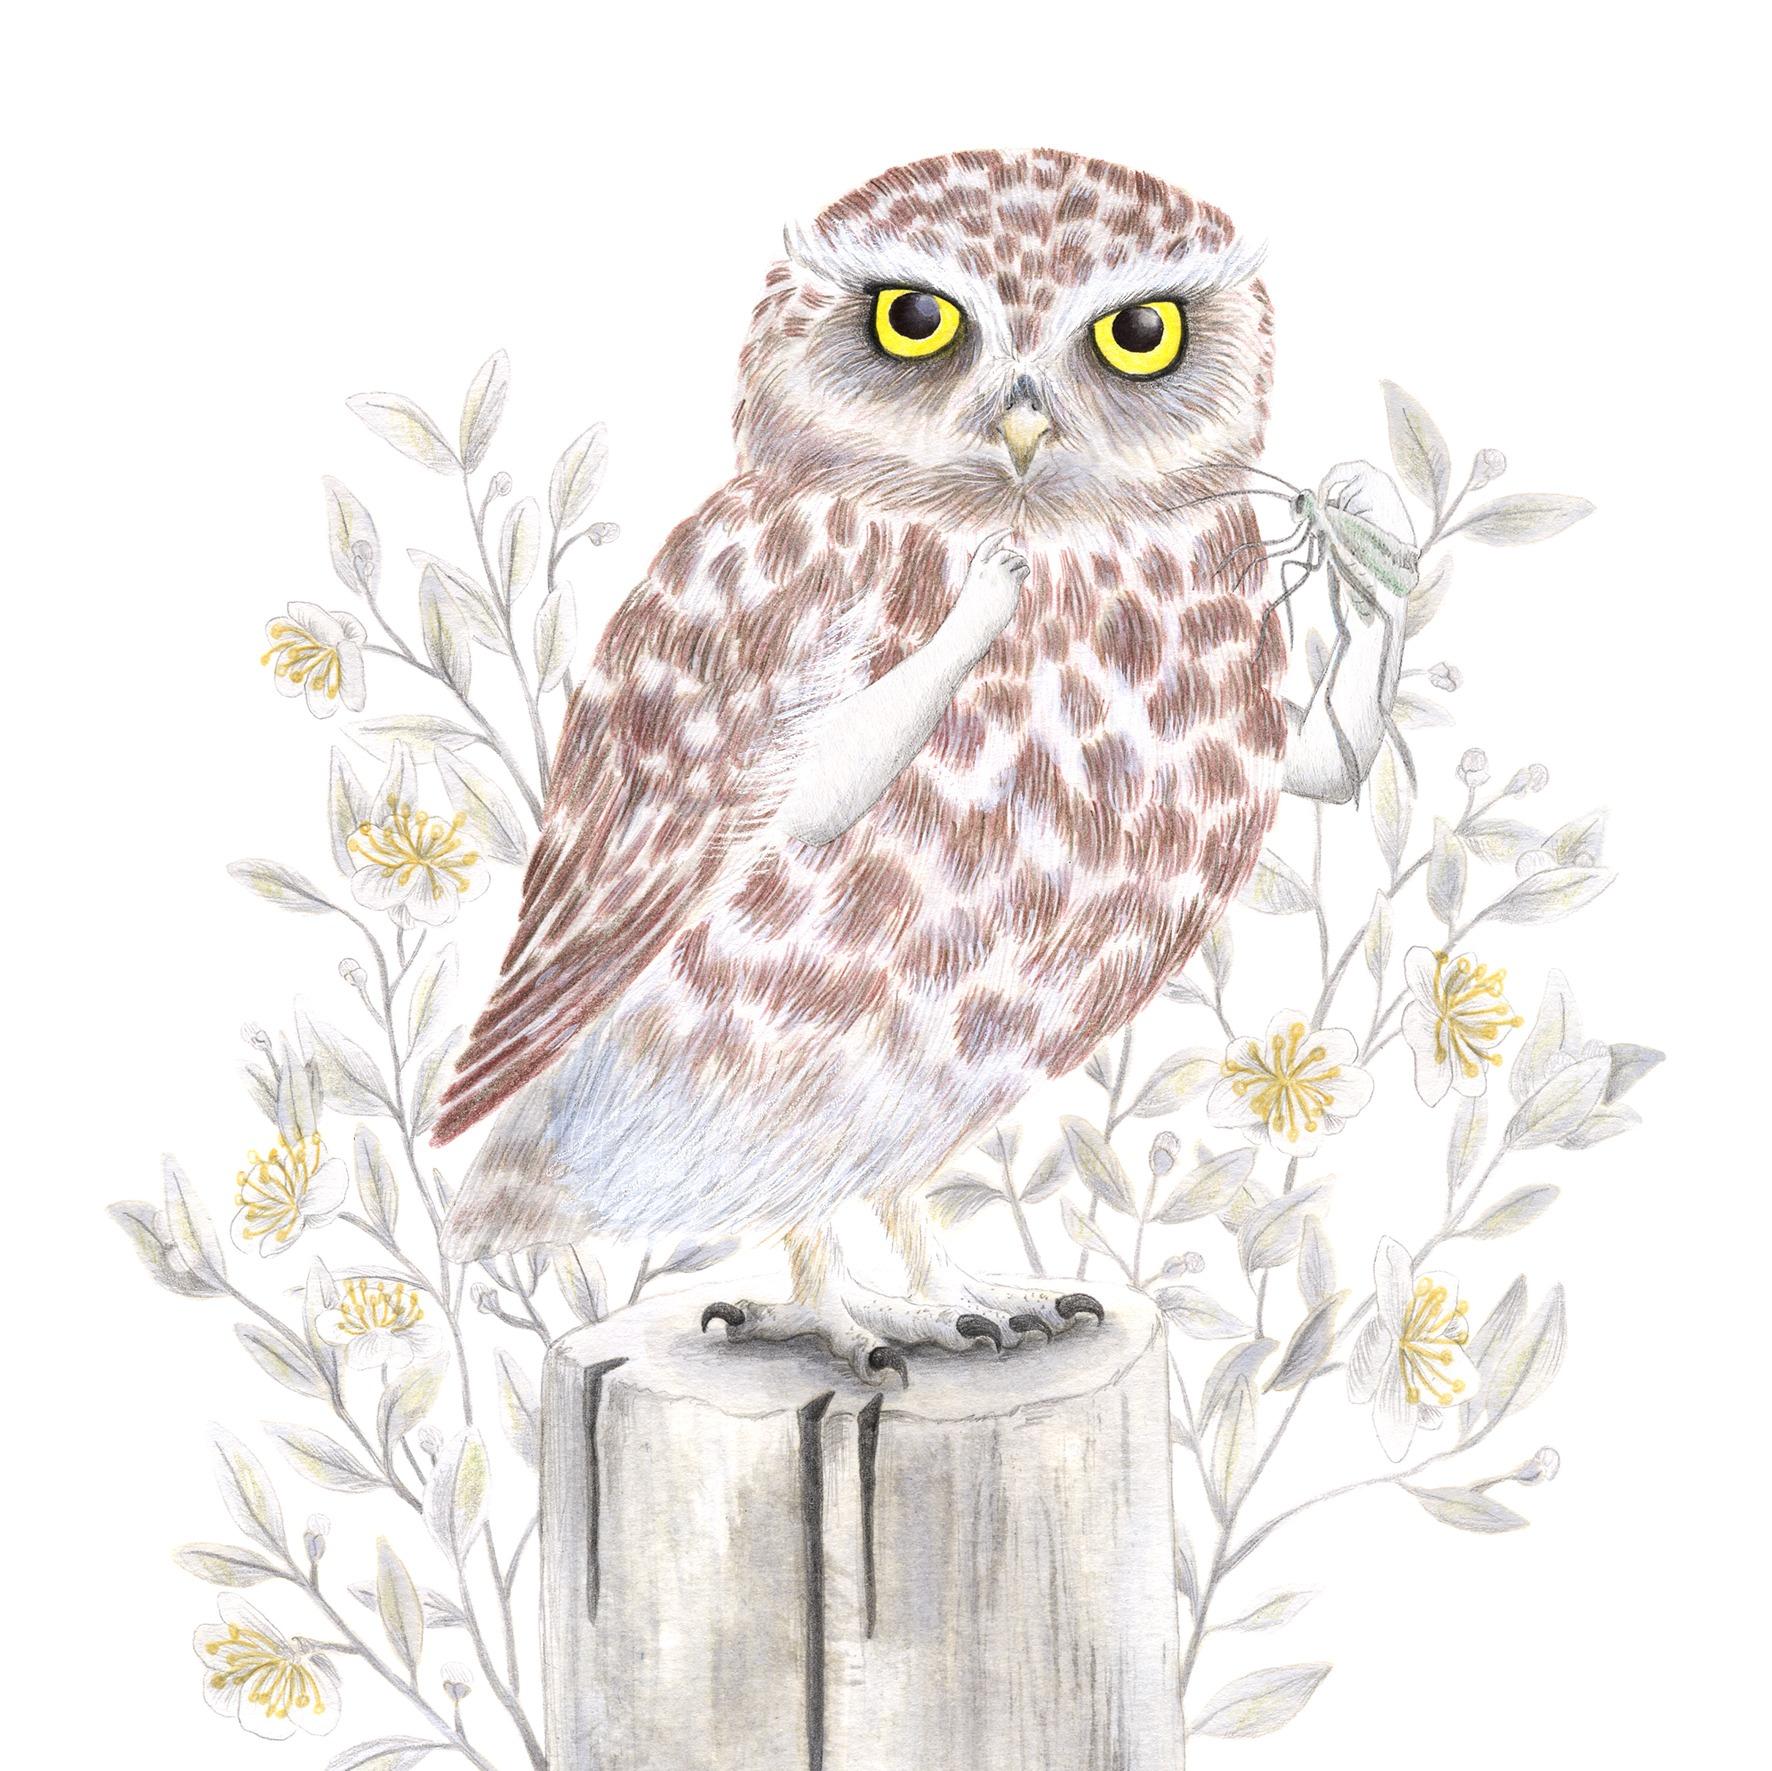 Mochuelo, Athene noctua, ilustración de aves, ilustración de lechuza, dibujo de lechuza, little owl, owl illustration, lechuza comiendo, ilustración de naturaleza, ilustración de animales, ilustración de rapaces nocturnas,